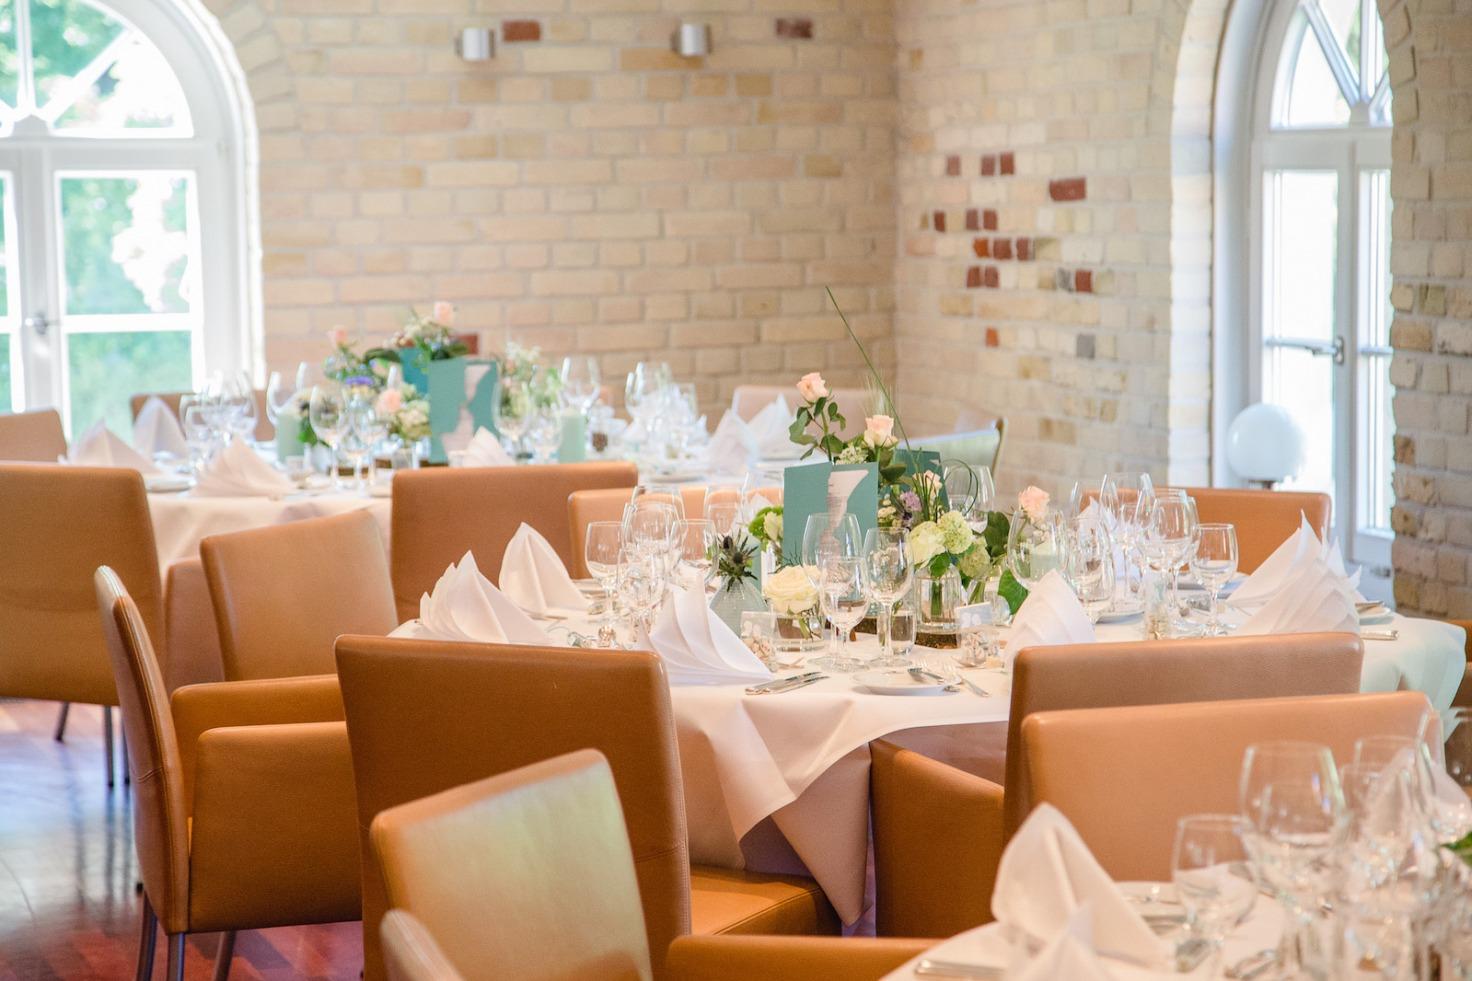 Hochzeit von Tine und Basti in Münster: Die Hochzeitslocation